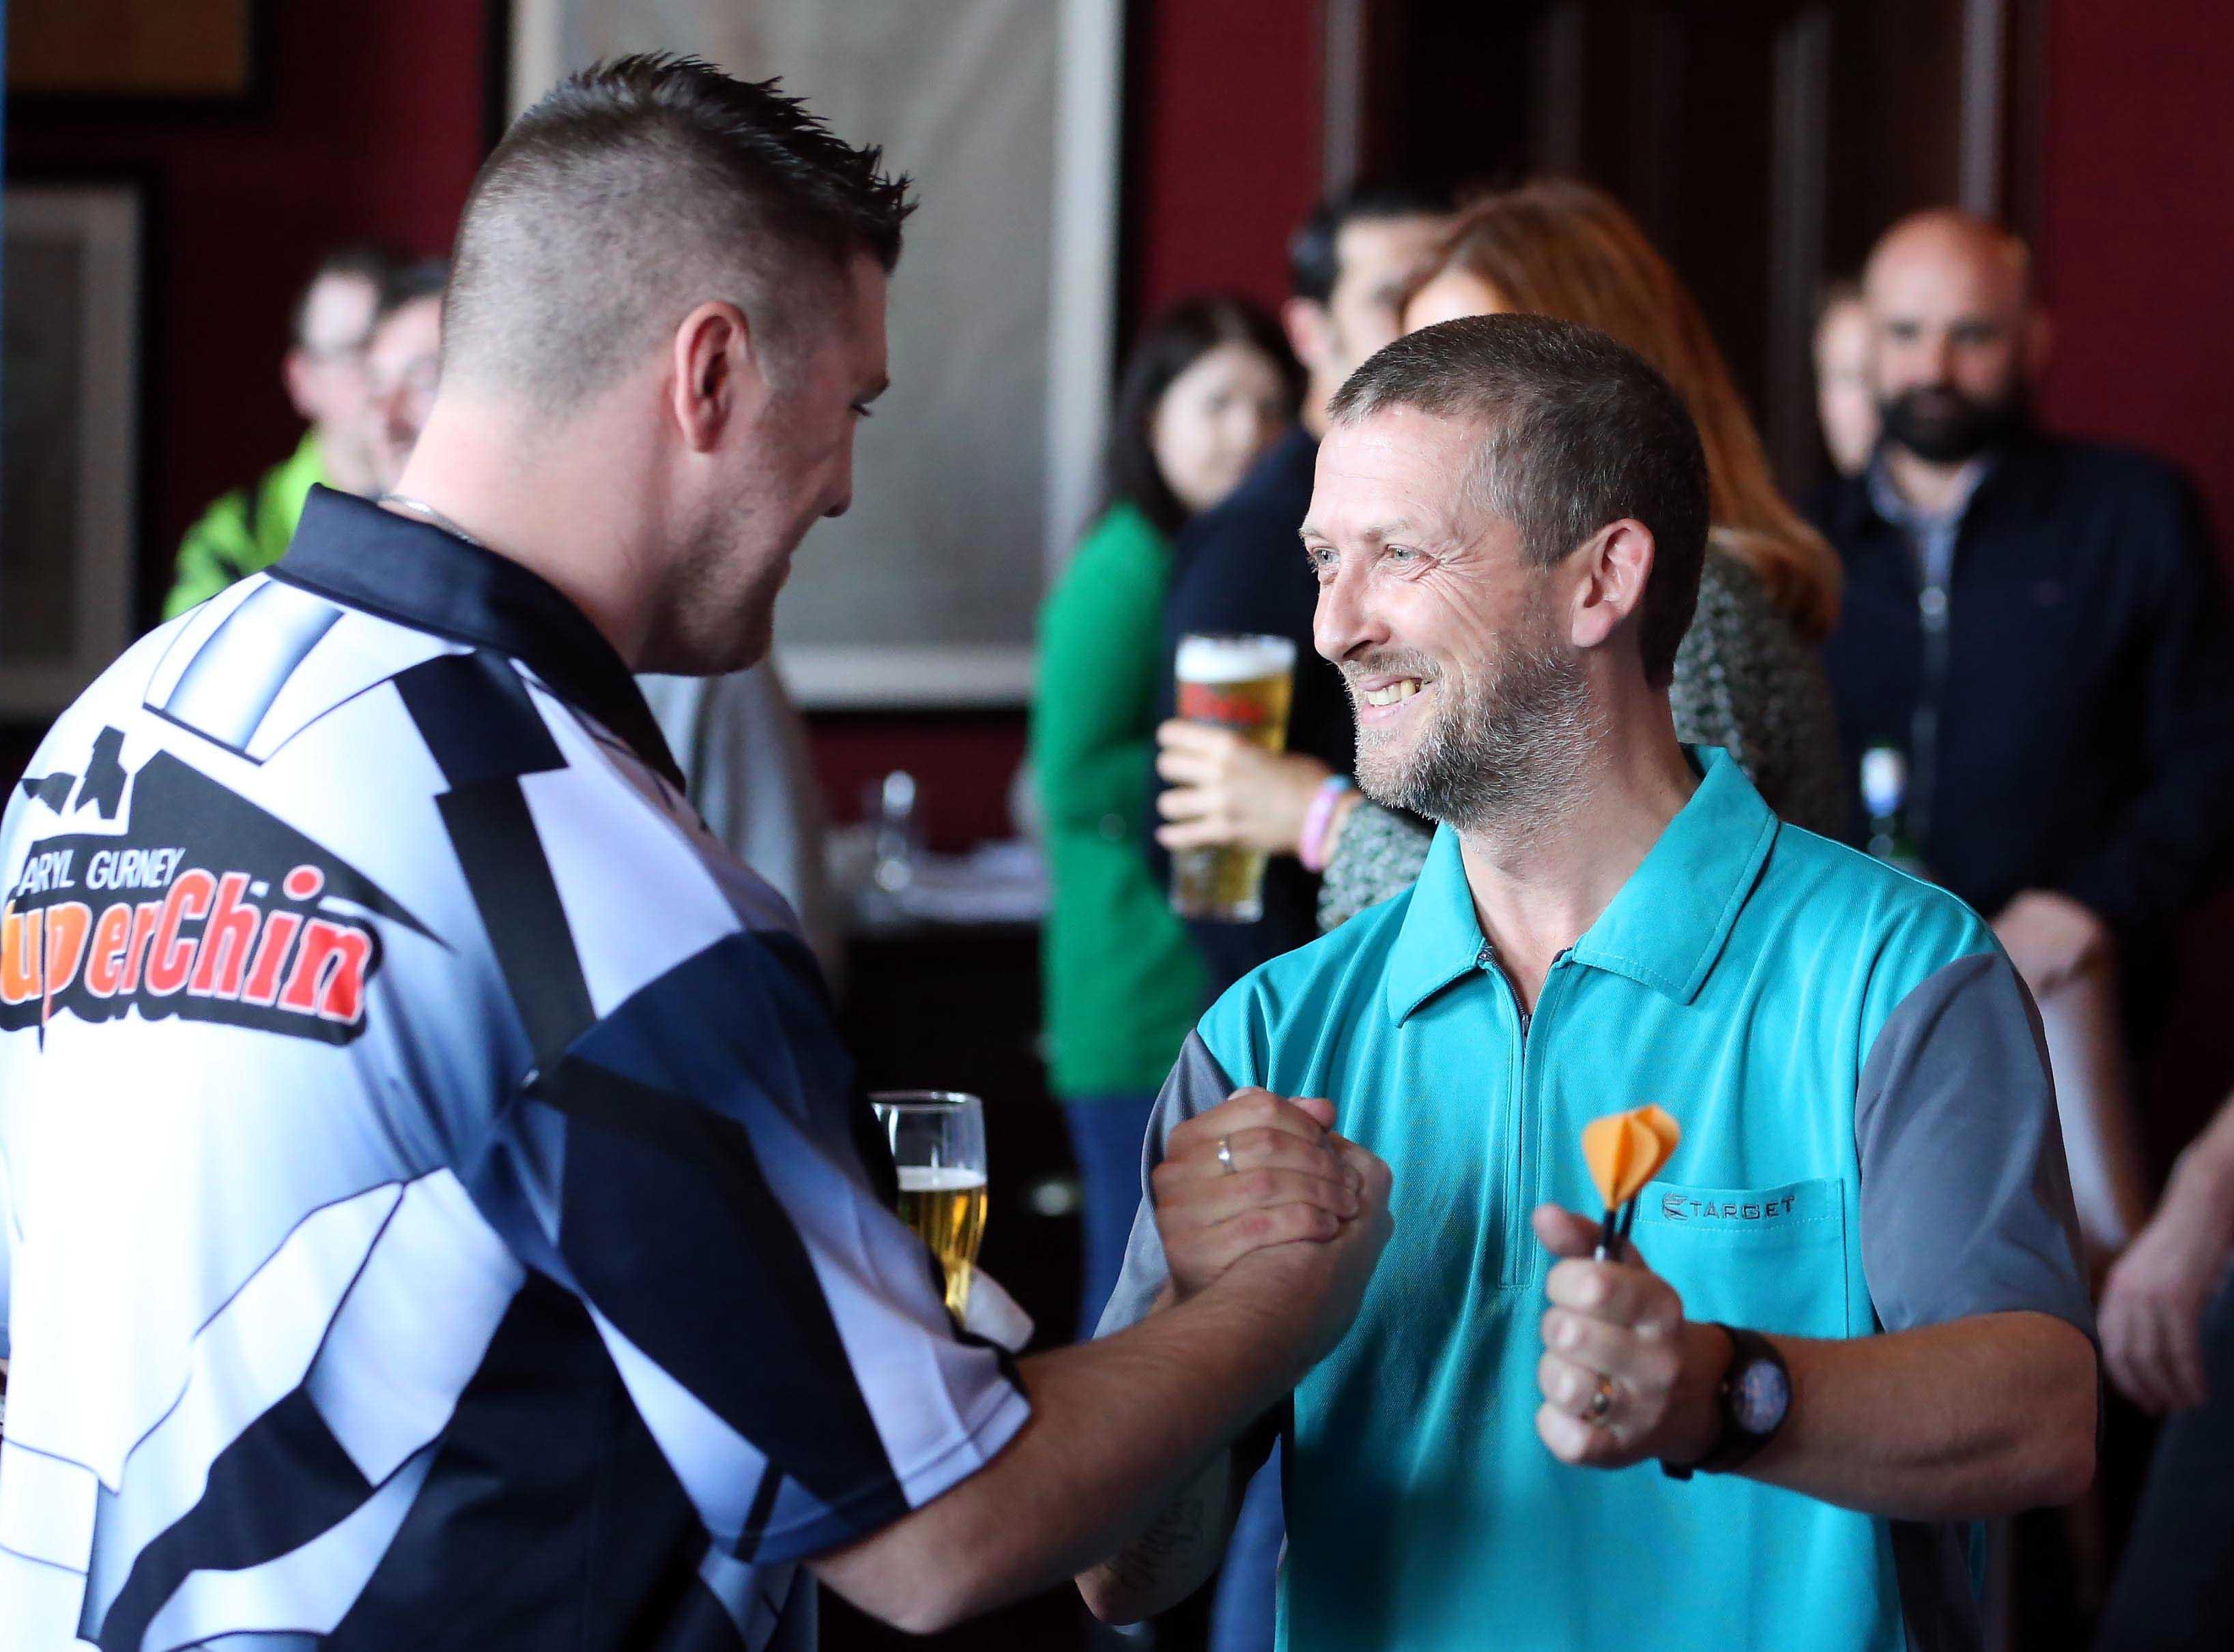 FSP NI Darts Champion Nigel Cahoon vs Daryl Gurney #3